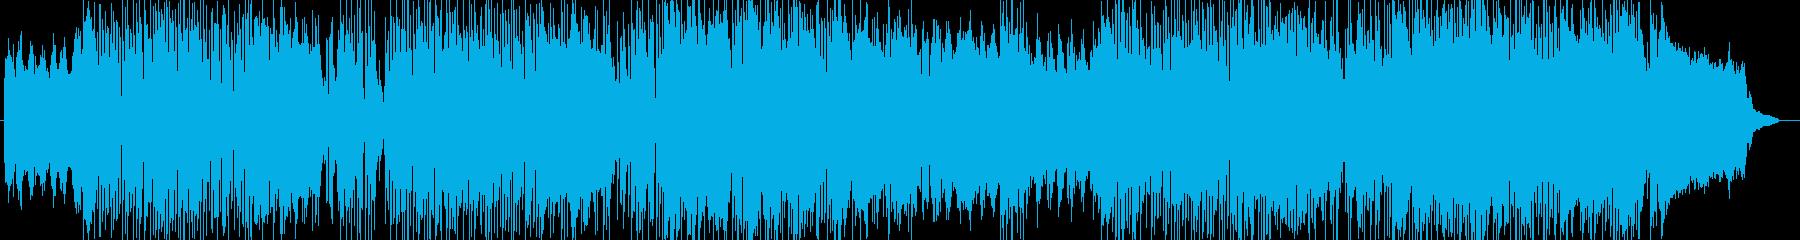 軽快と神秘を合わ持ったクラシックポップの再生済みの波形